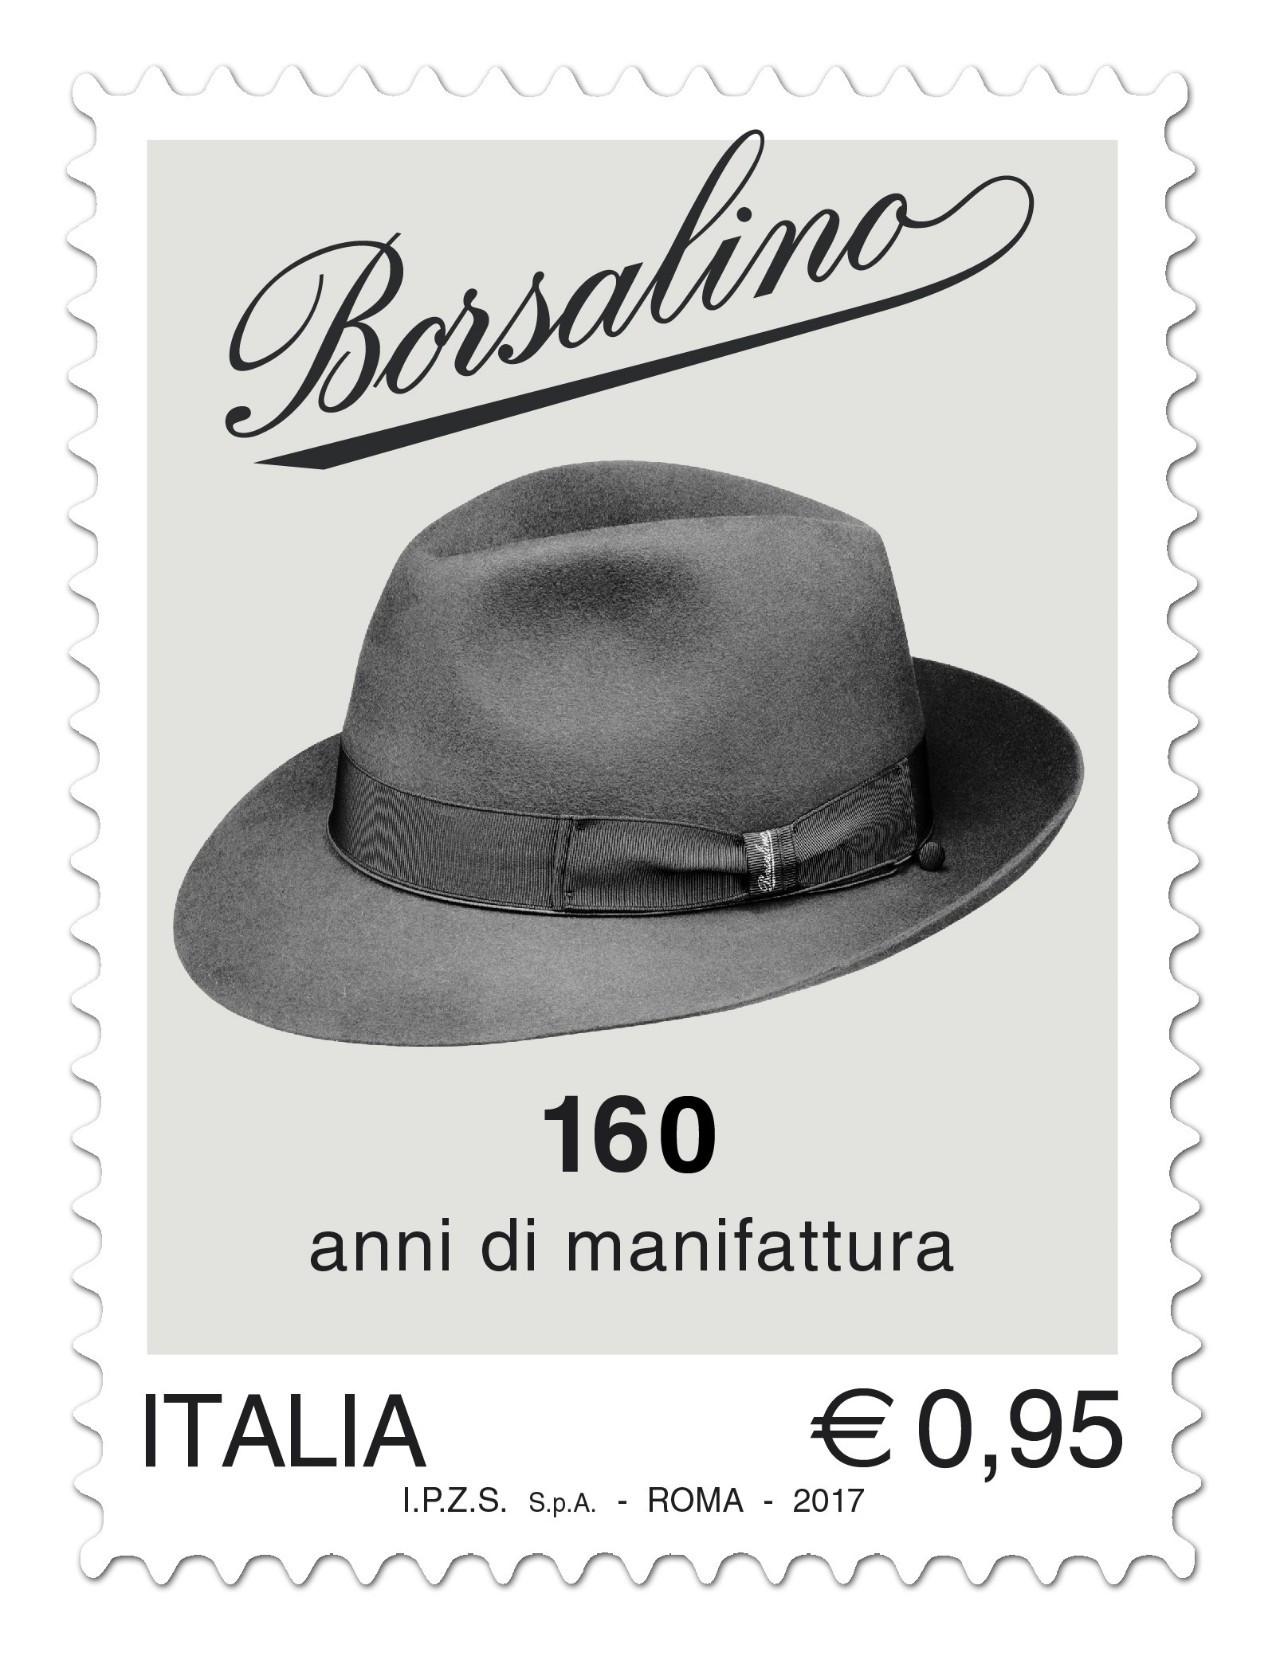 这个被赫本戴红的经典帽子品牌,可能越来越不好买了